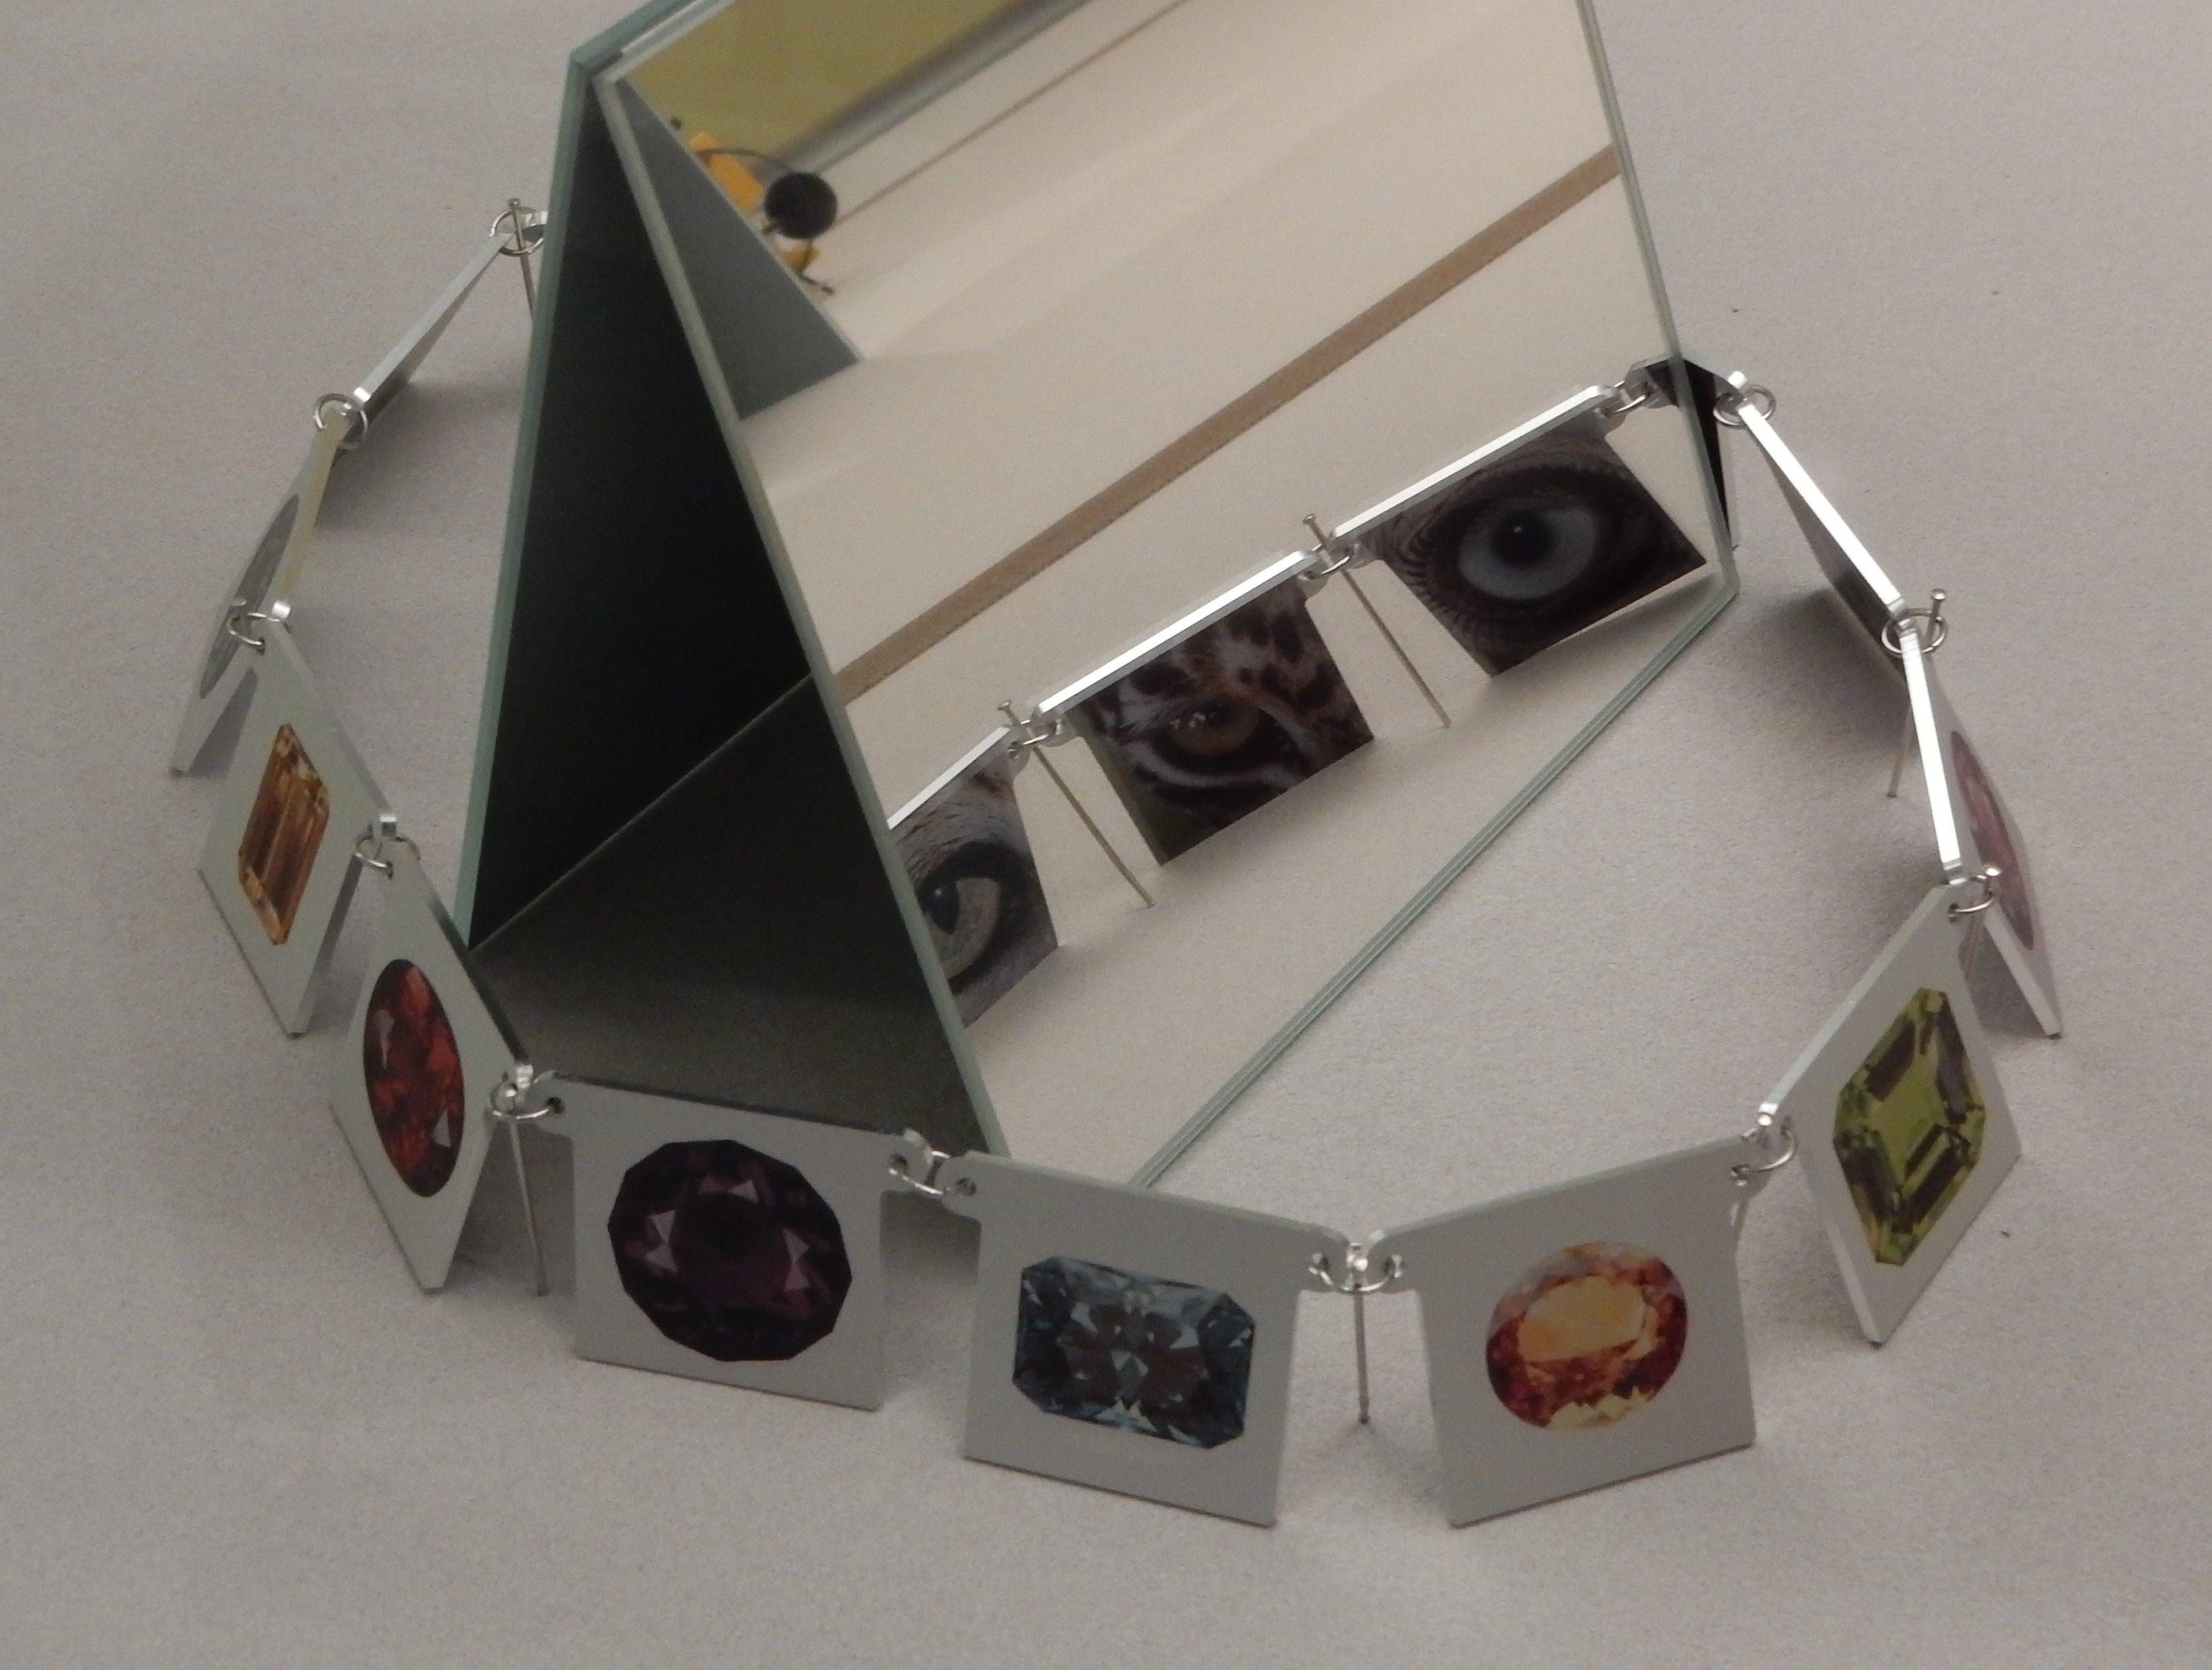 Herman Hermsen, Tales of Diamonds, halssieraad, 2003. Collectie CODA, CO00701, tentoonstelling, halssieraad, metaal